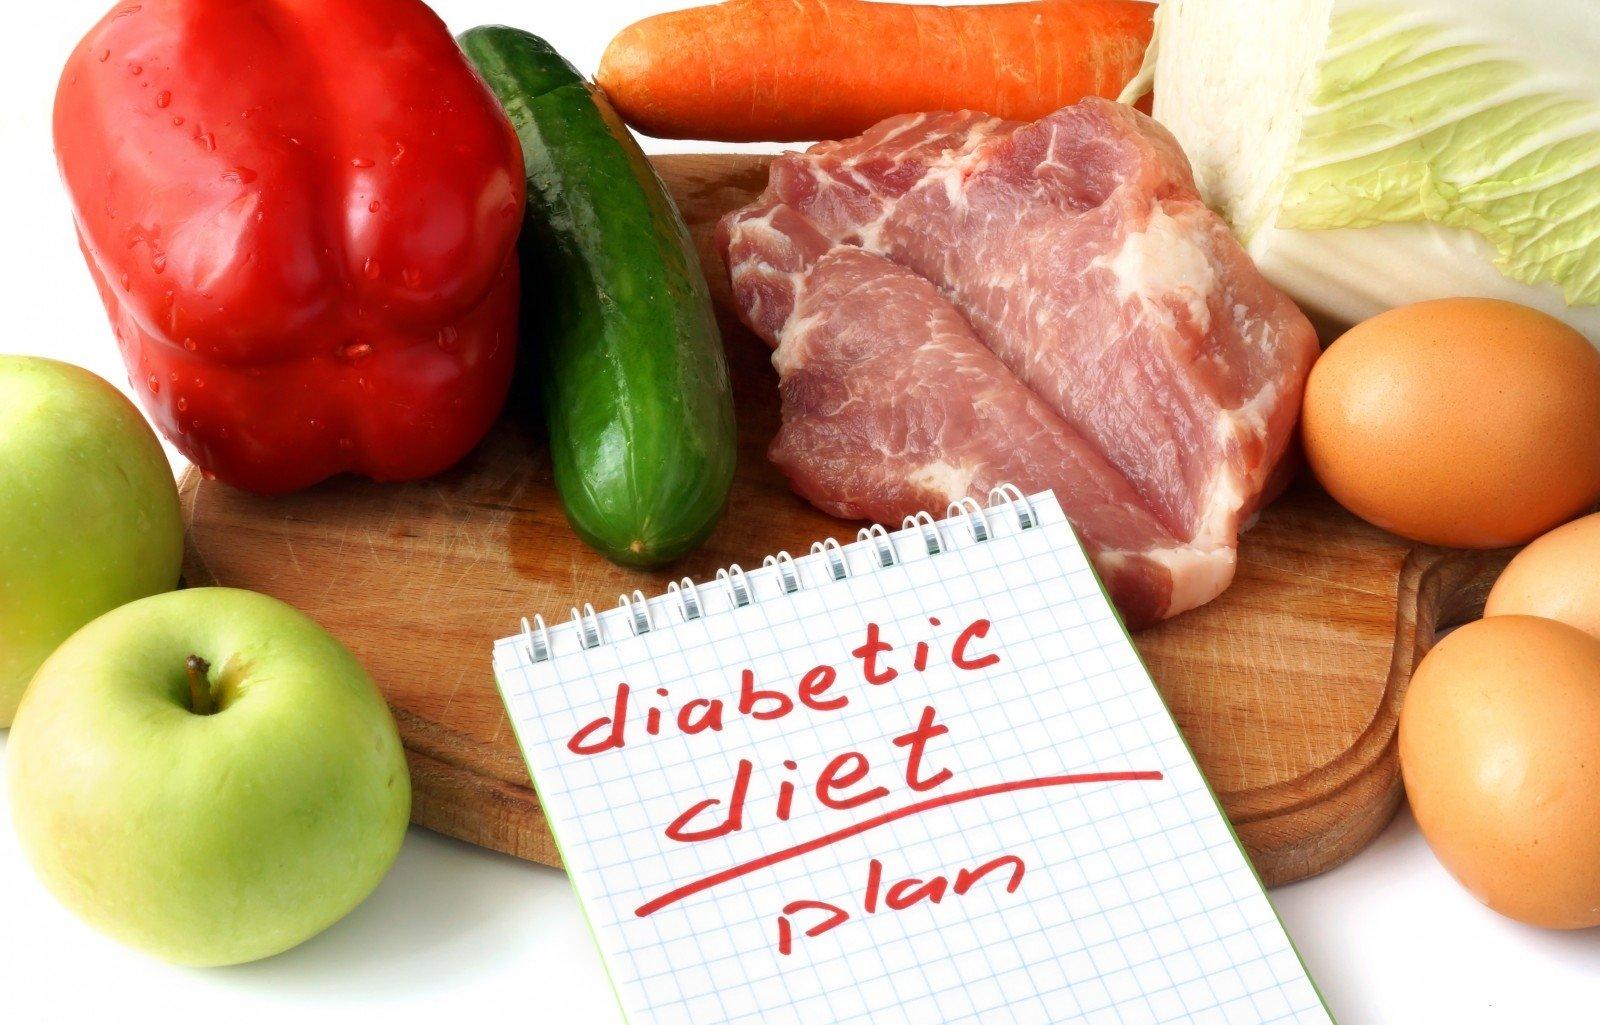 maisto produktų, kurių negalima valgyti sergant hipertenzija hipertenzijos 3 pakopos rizika4